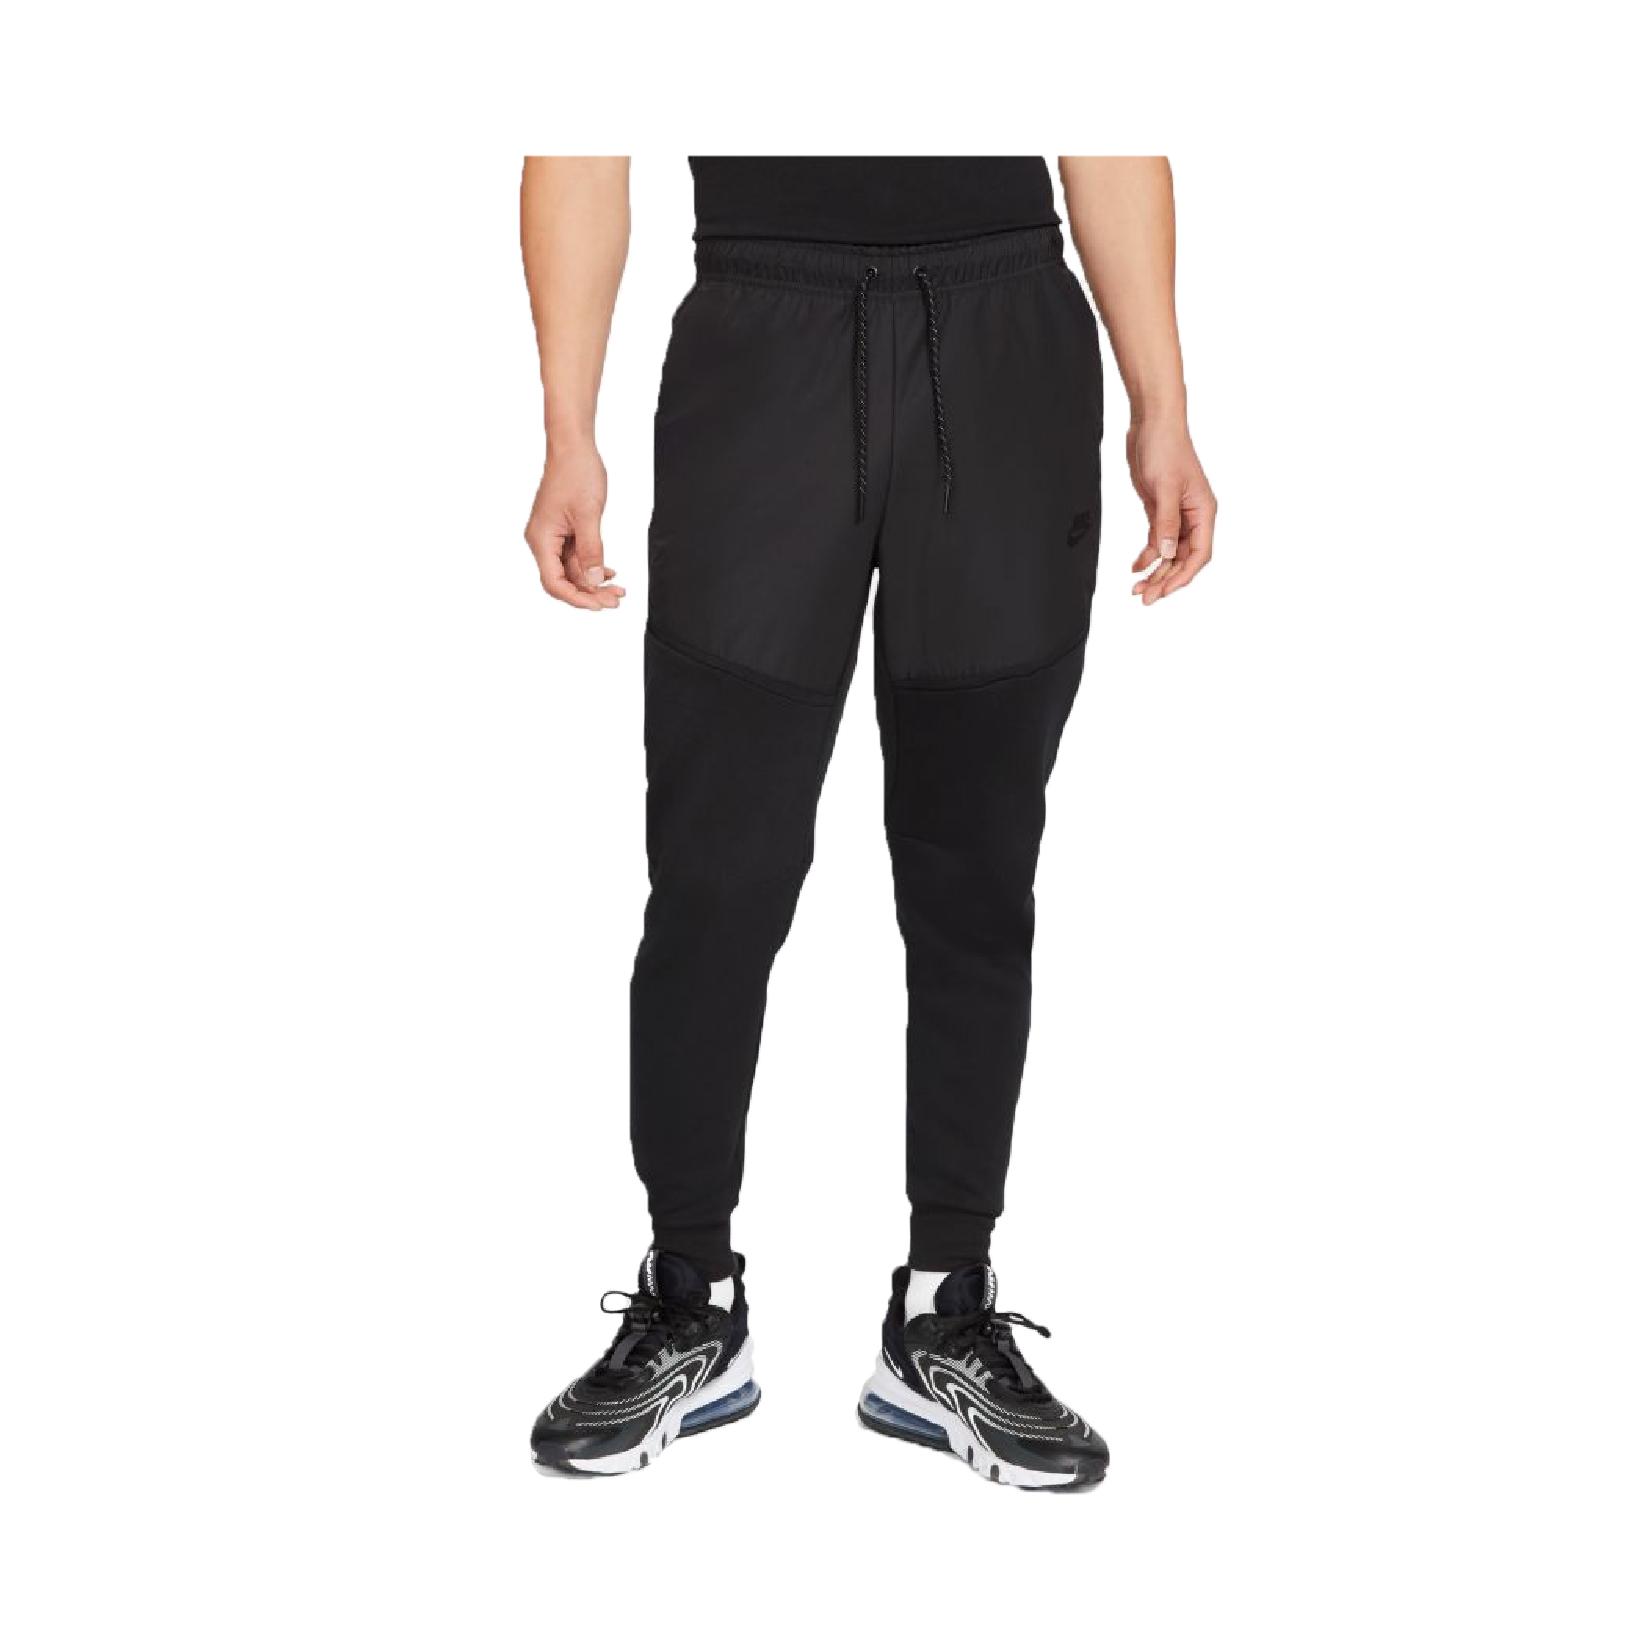 Nike Sportswear Tech Fleece Black